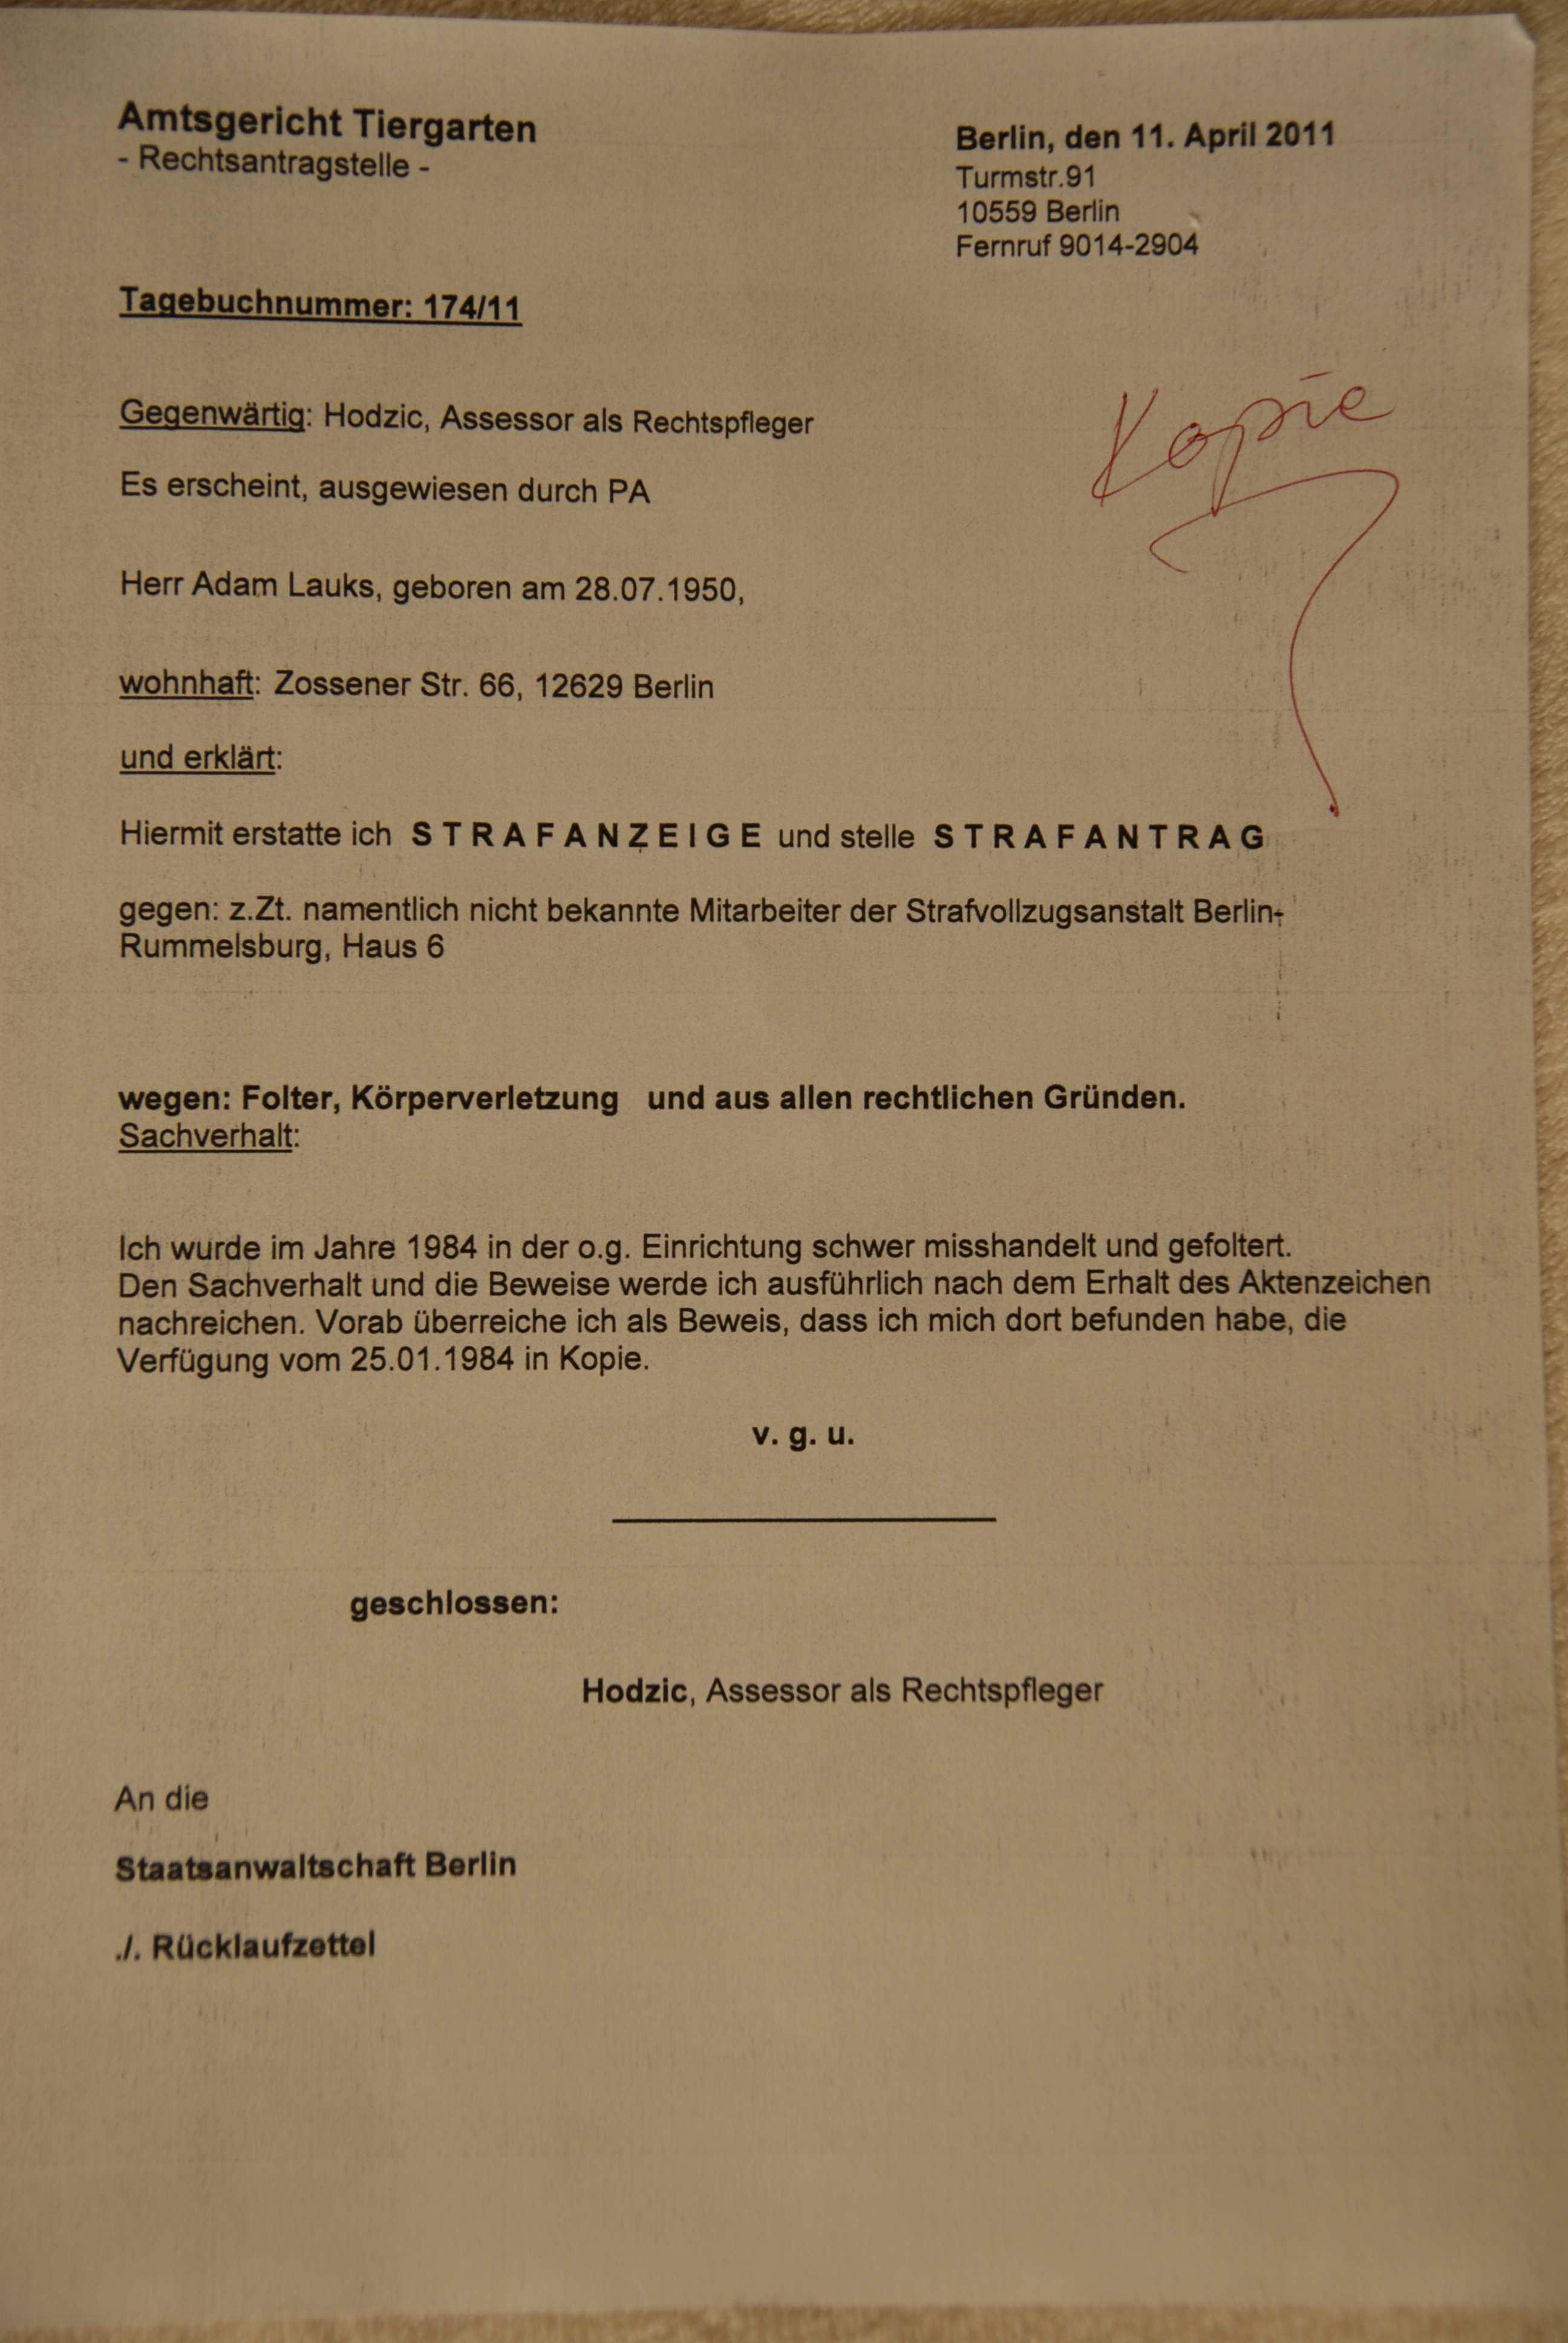 Anzeige Wegen Korperverletzung Ausbildung